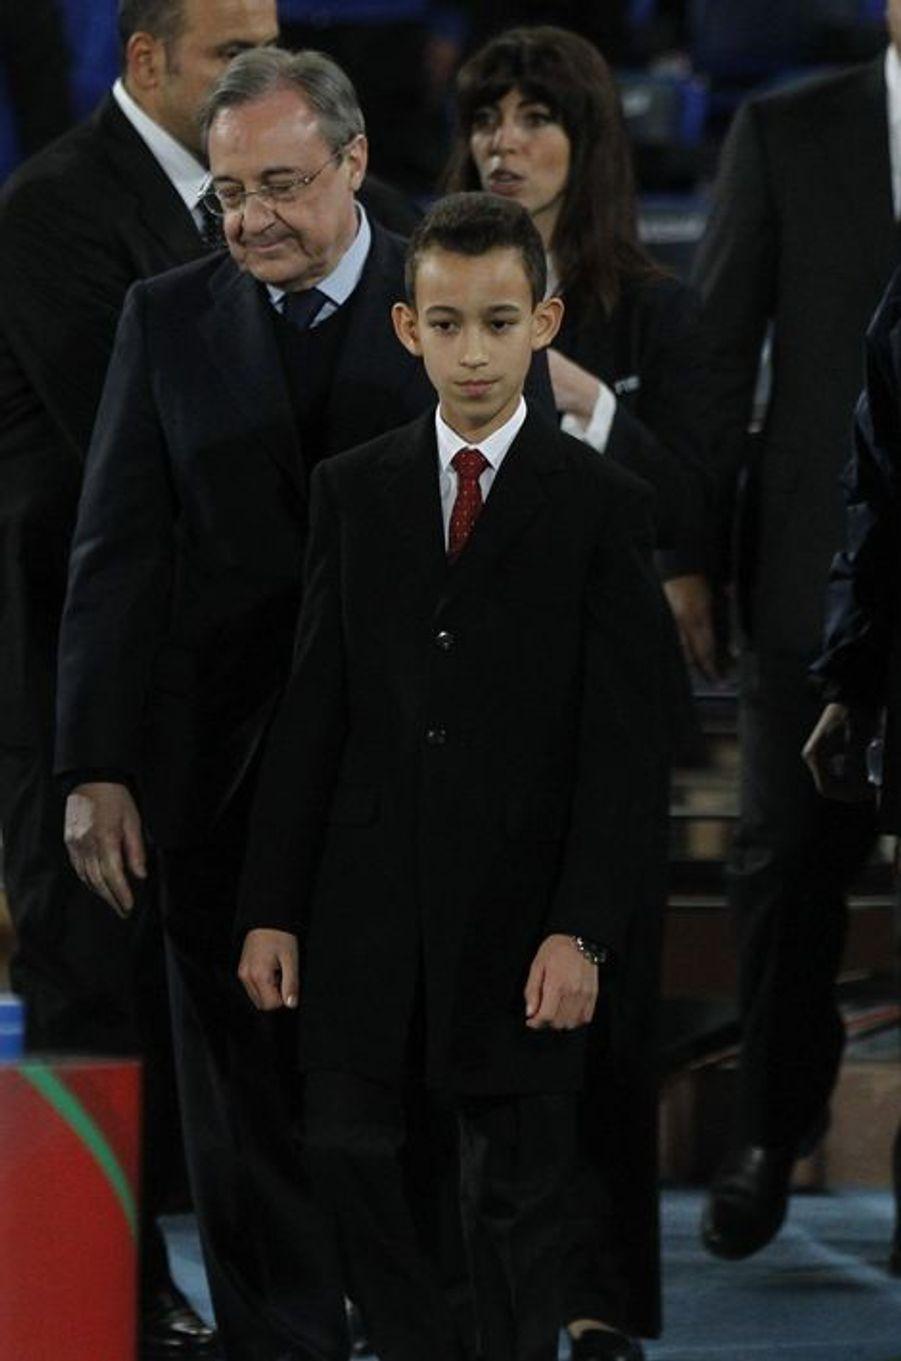 Le prince Moulay El Hassan du Maroc au Grand stade à Marrakech, le 20 décembre 2014